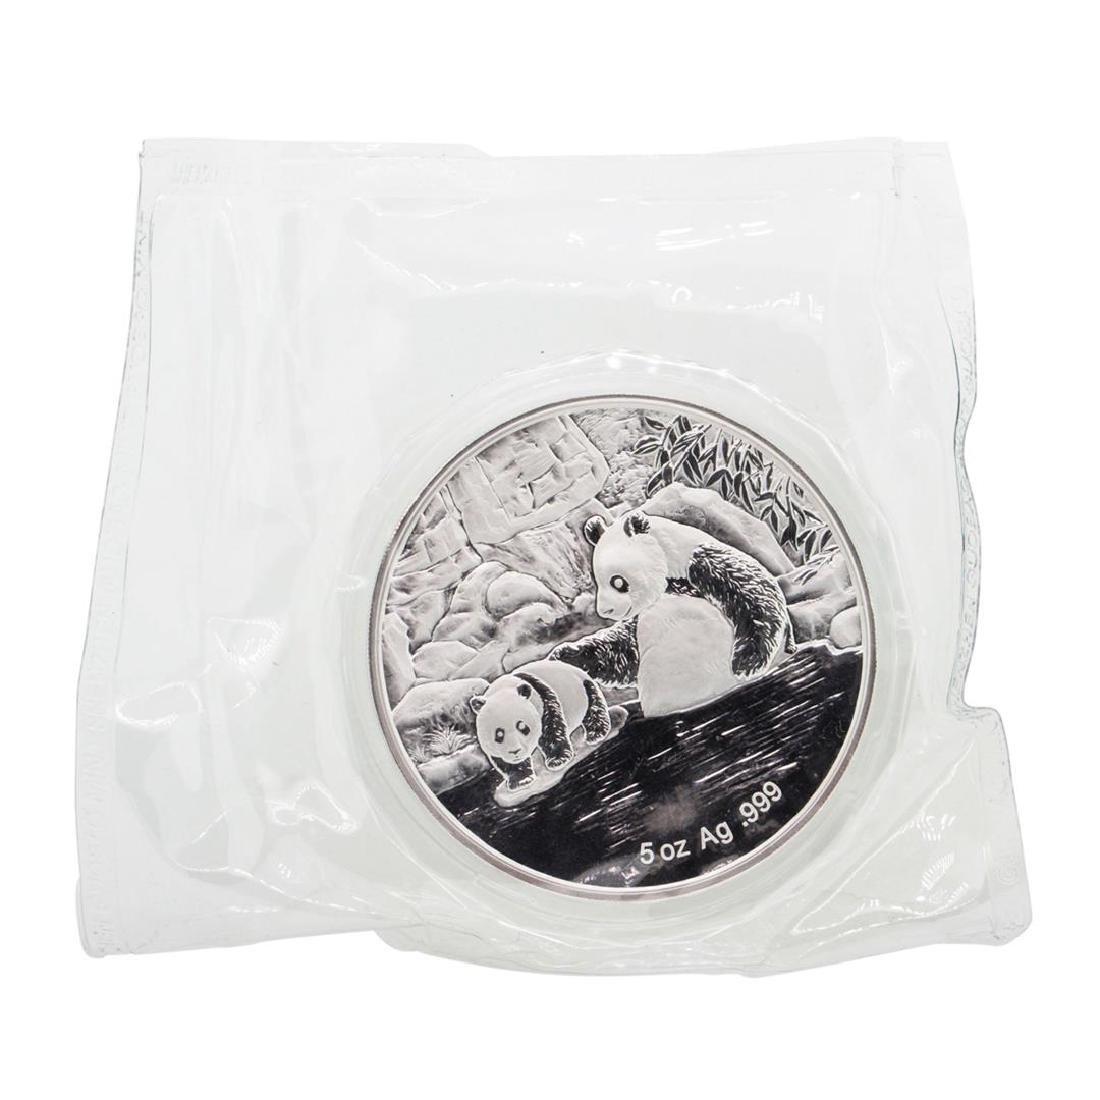 2015 F.U.N. Show 60th Anniversary 5oz Silver Panda Coin